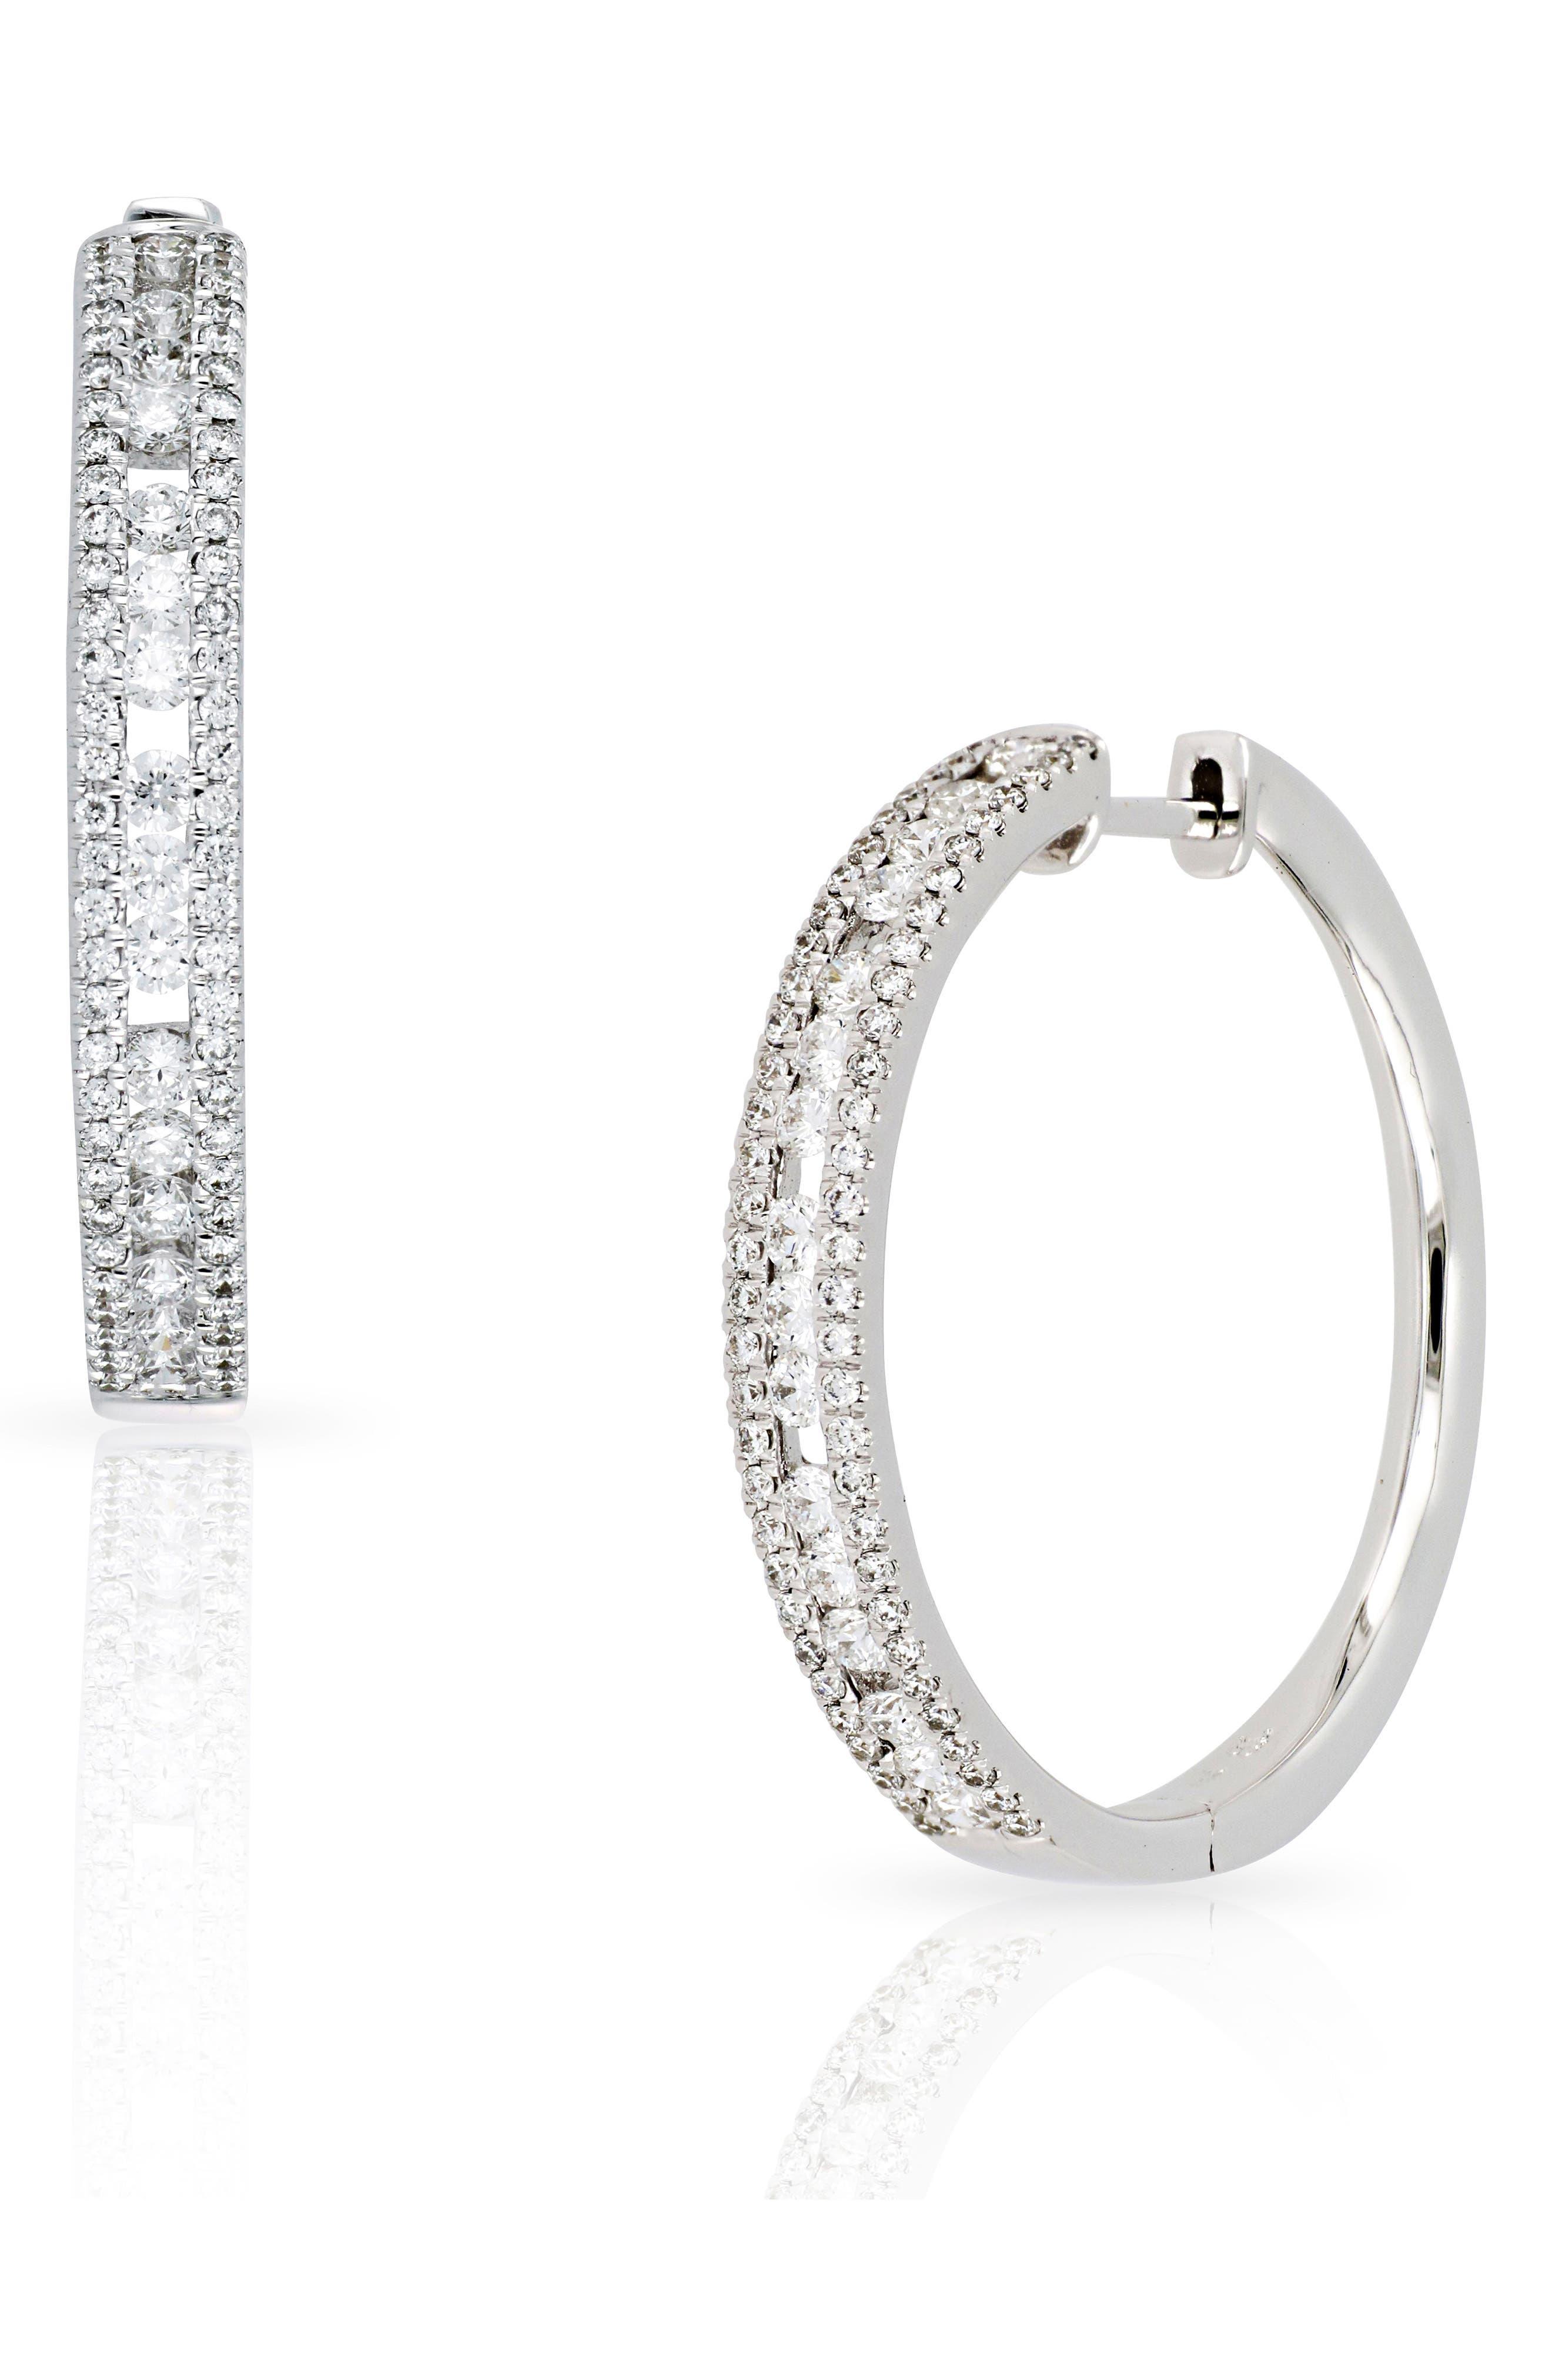 Amara Large Hoop Diamond Earrings,                             Main thumbnail 1, color,                             White Gold